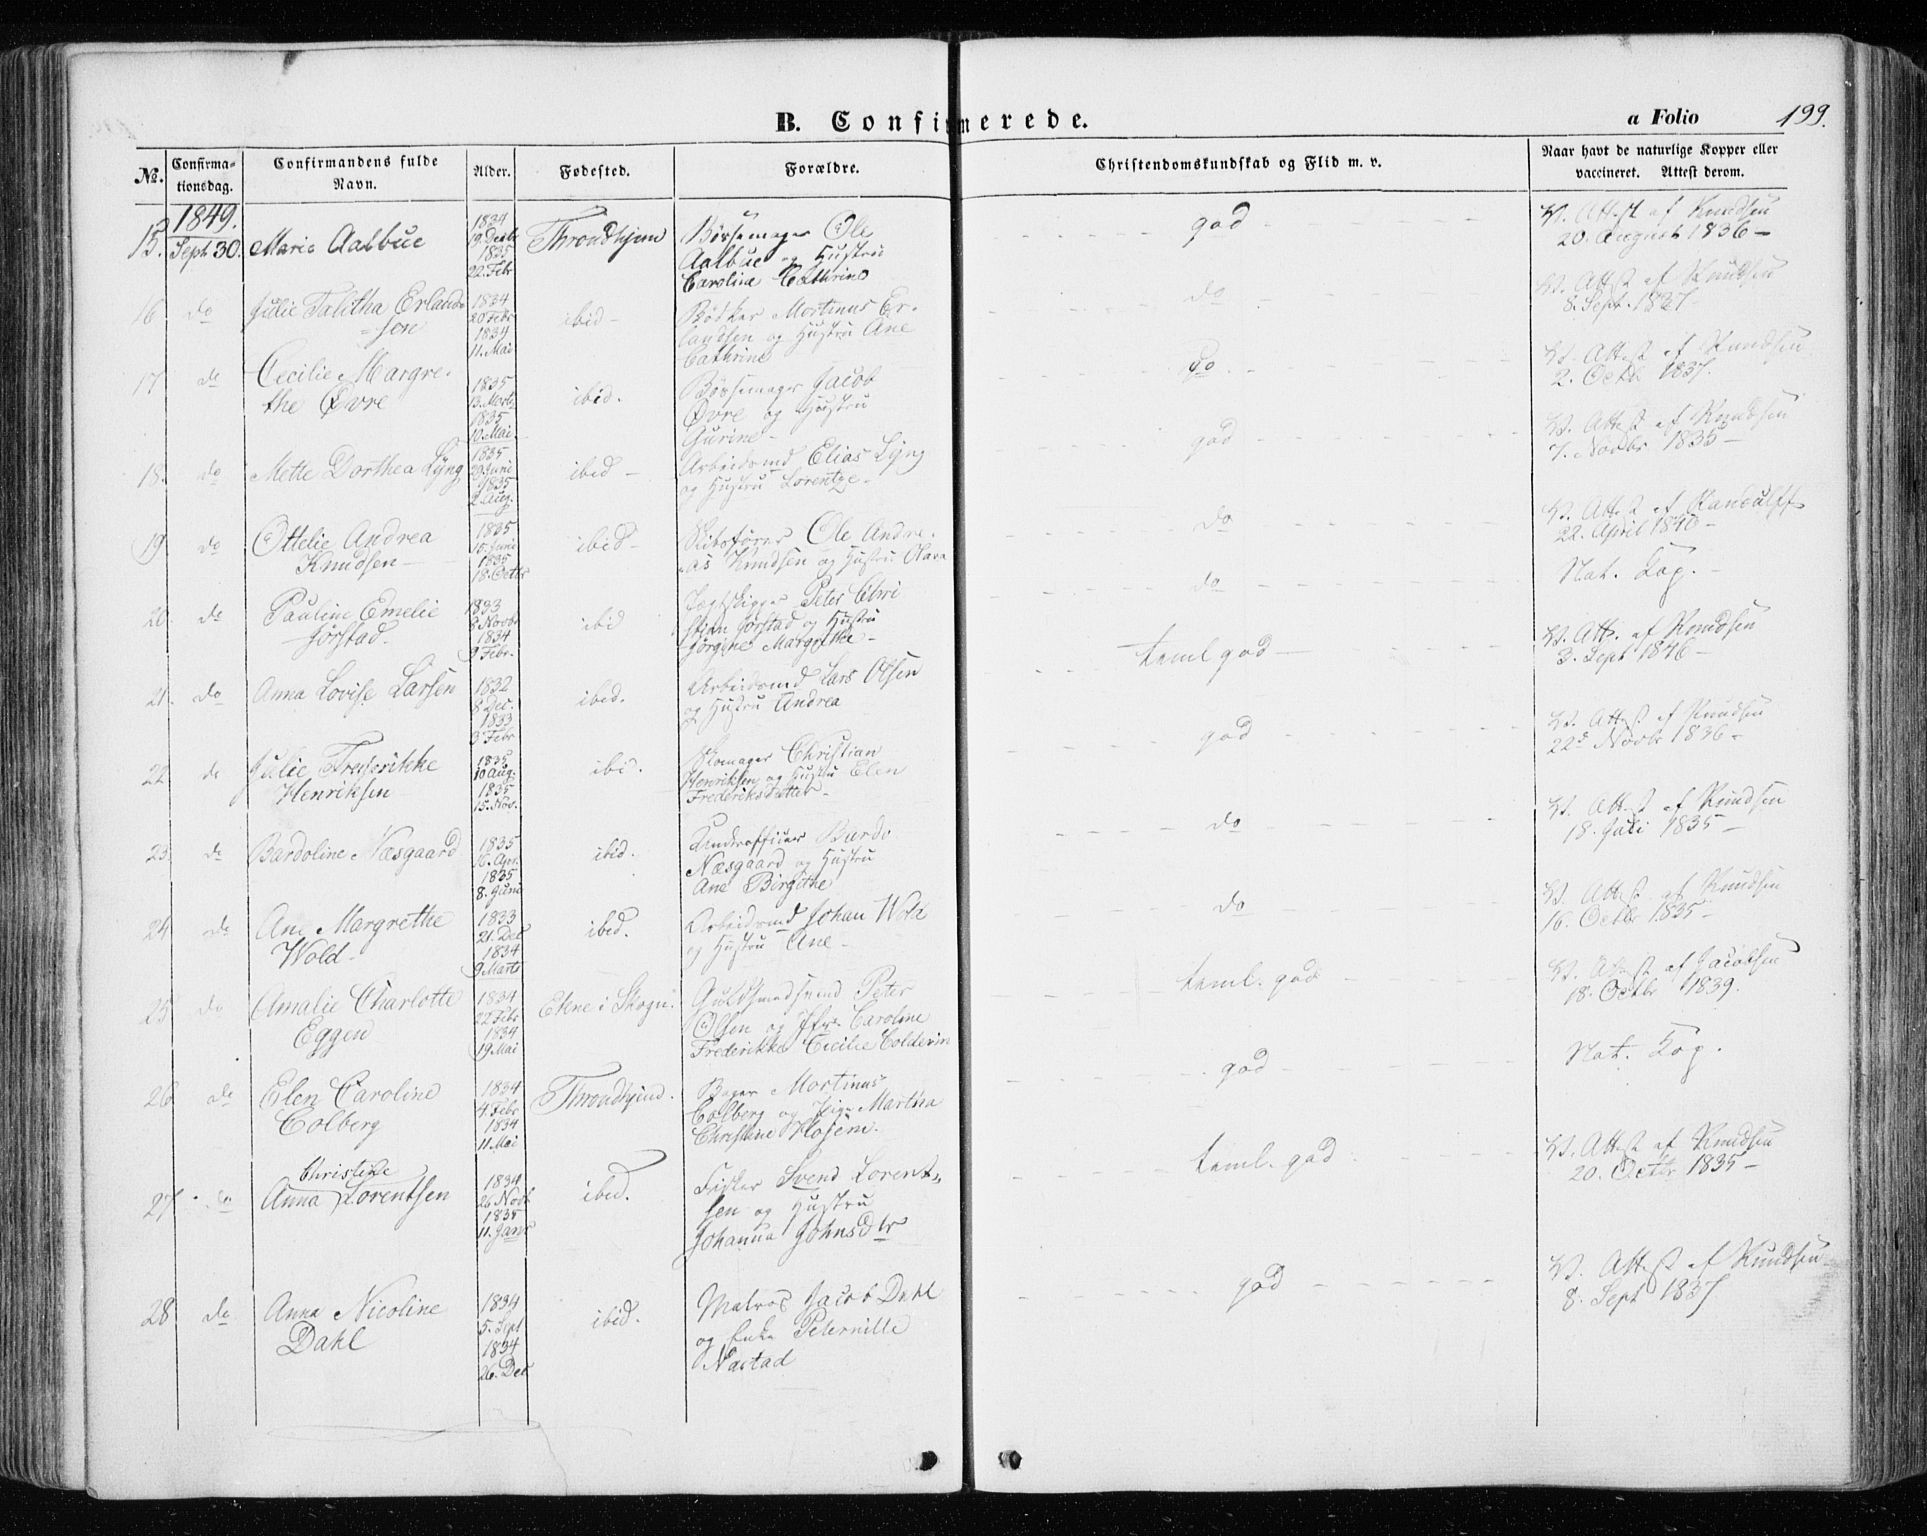 SAT, Ministerialprotokoller, klokkerbøker og fødselsregistre - Sør-Trøndelag, 601/L0051: Ministerialbok nr. 601A19, 1848-1857, s. 199